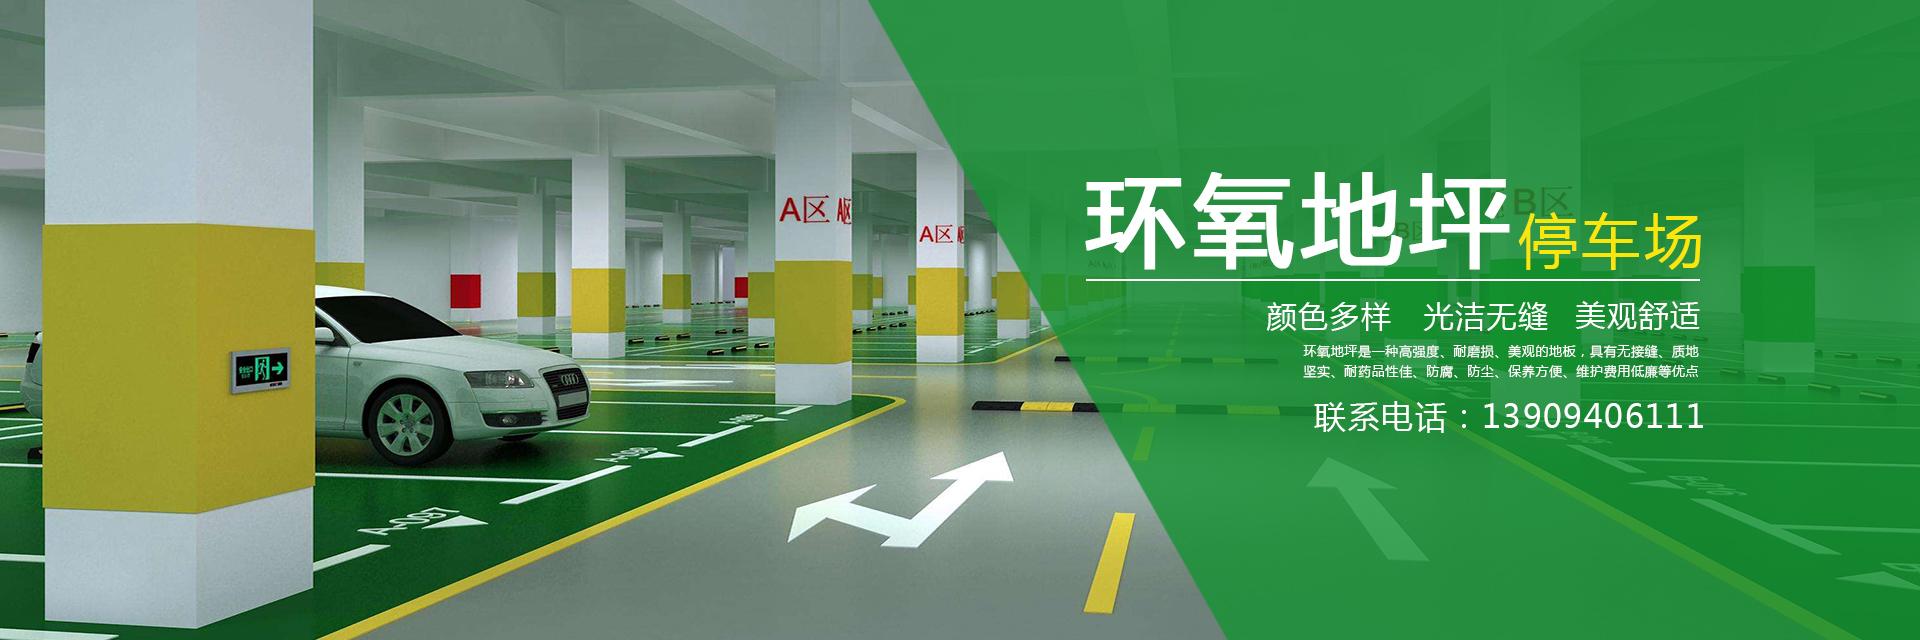 环氧地坪停车场